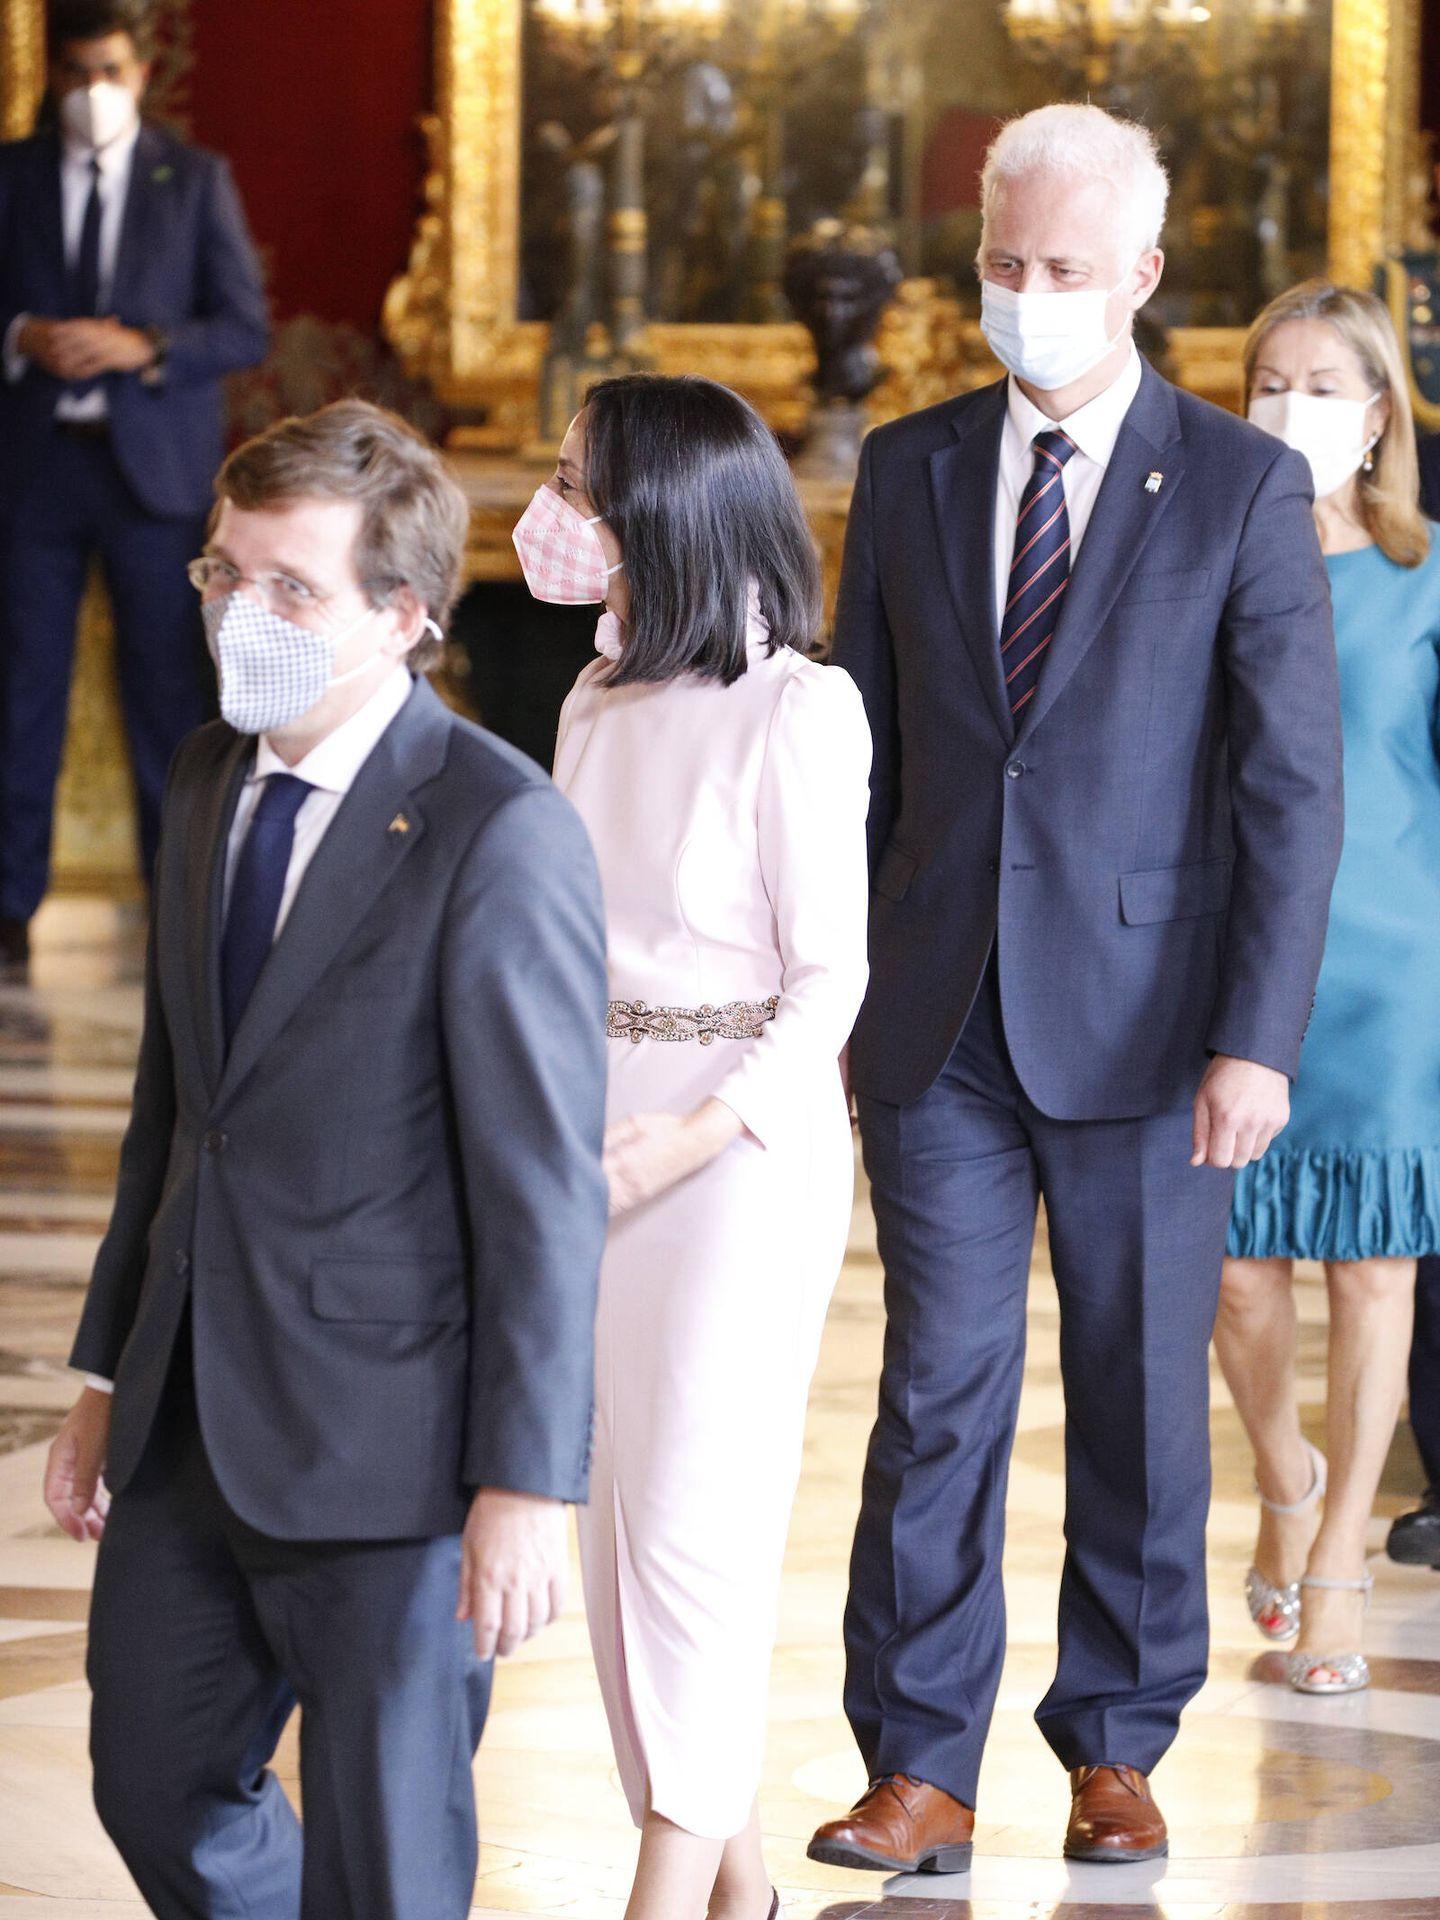 Representantes de la política durante la recepción. (Limited Pictures)